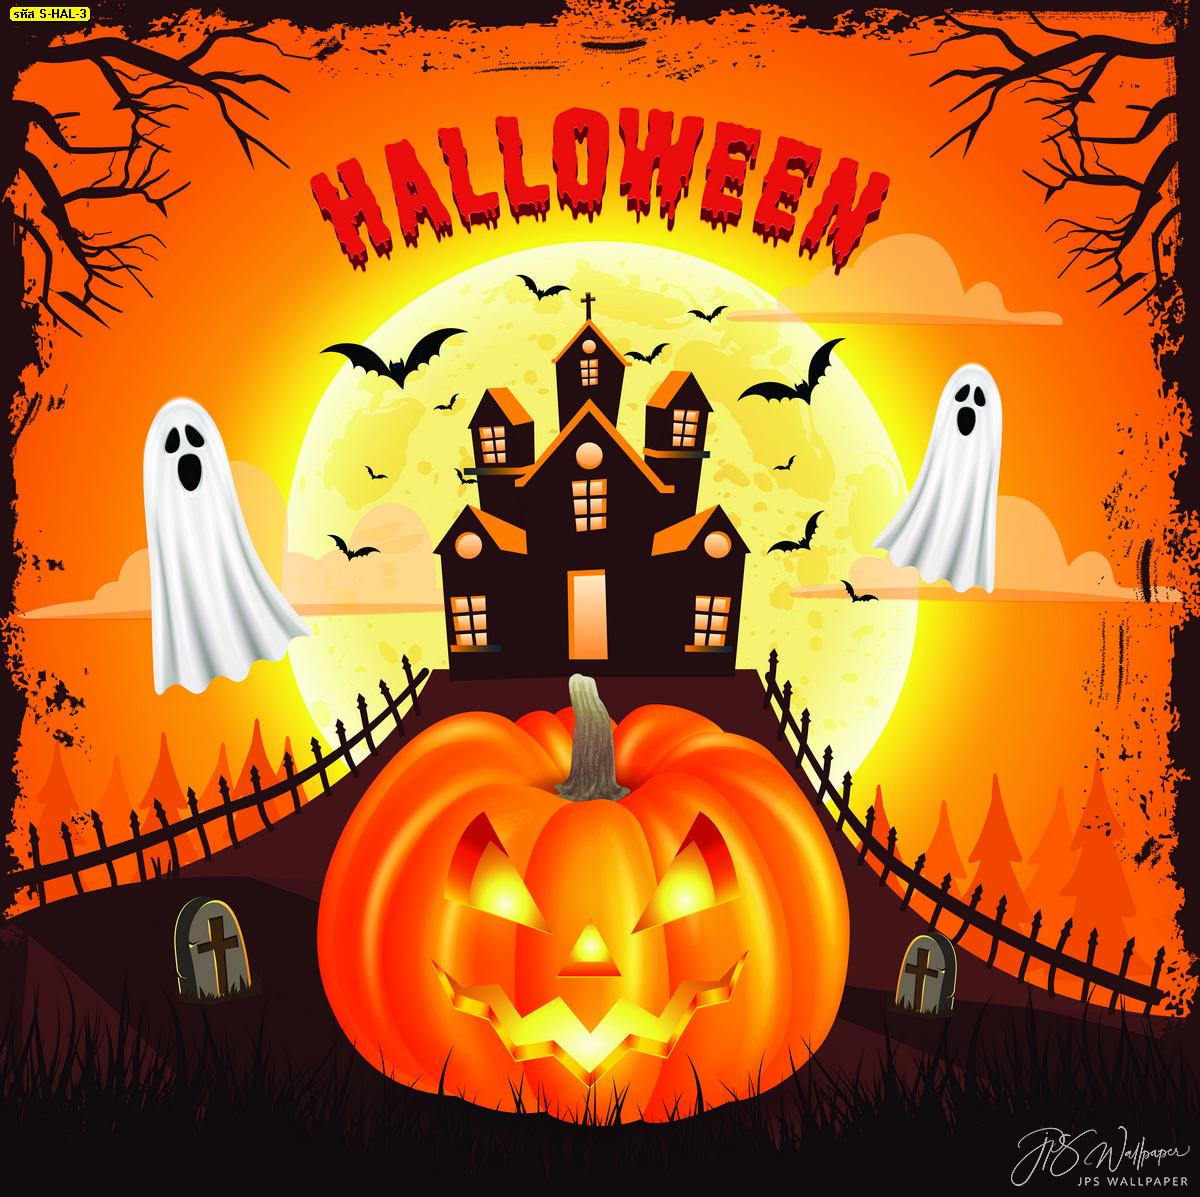 Happy Halloween Day Party ภาพติดผนังวันฮาโลวีน ภาพรูปฟักทองยักษ์และบ้านผีสิง